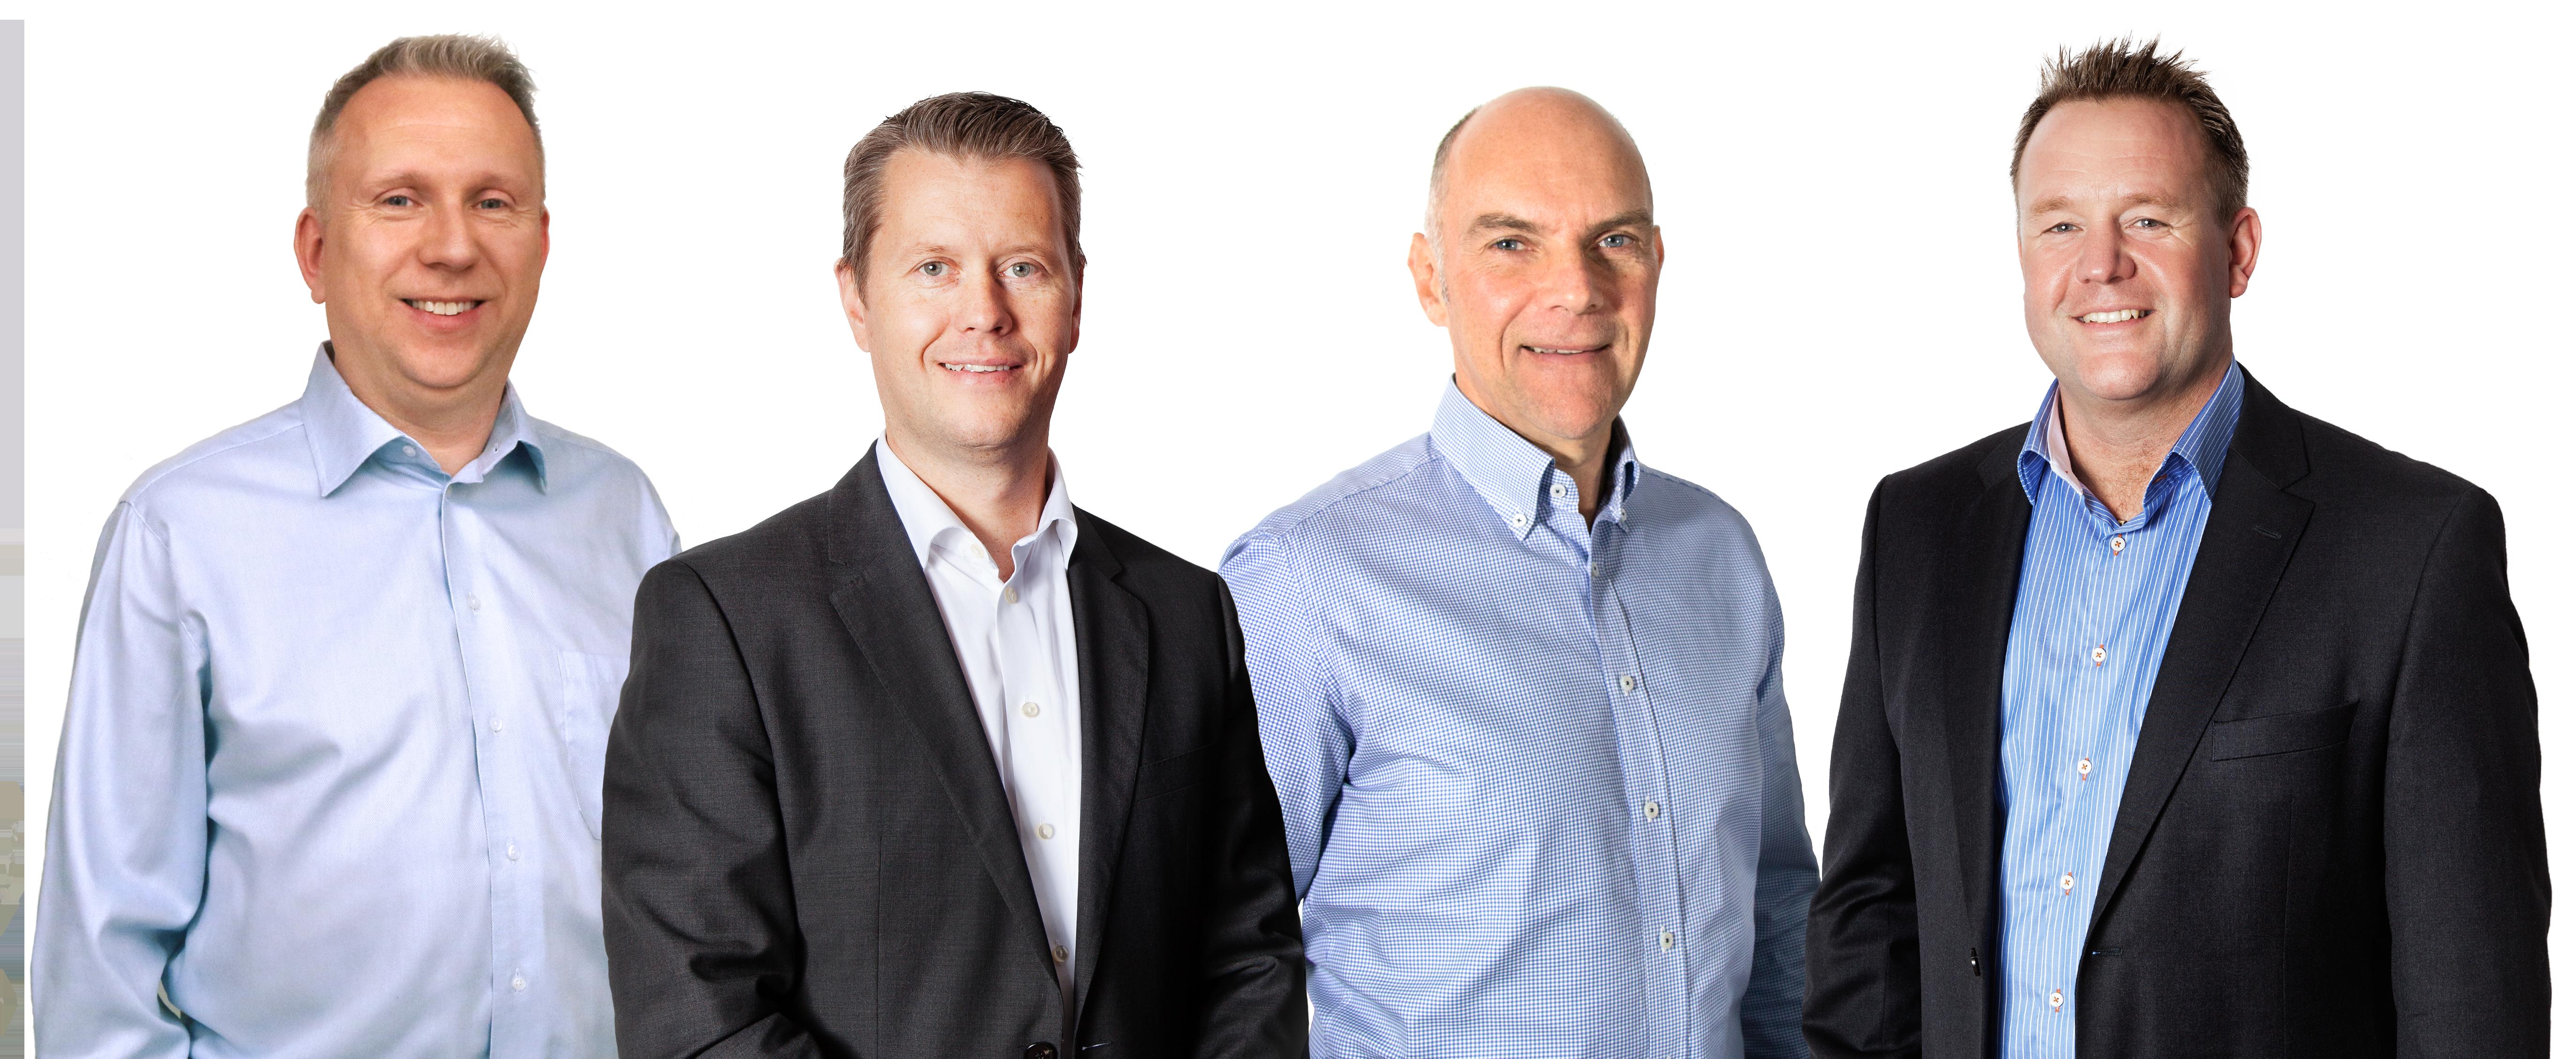 Vi hjälper dig med teknisk support: Andreas Palmér, Mikael Törnberg, Ulf Persson & Mats Gårdestam